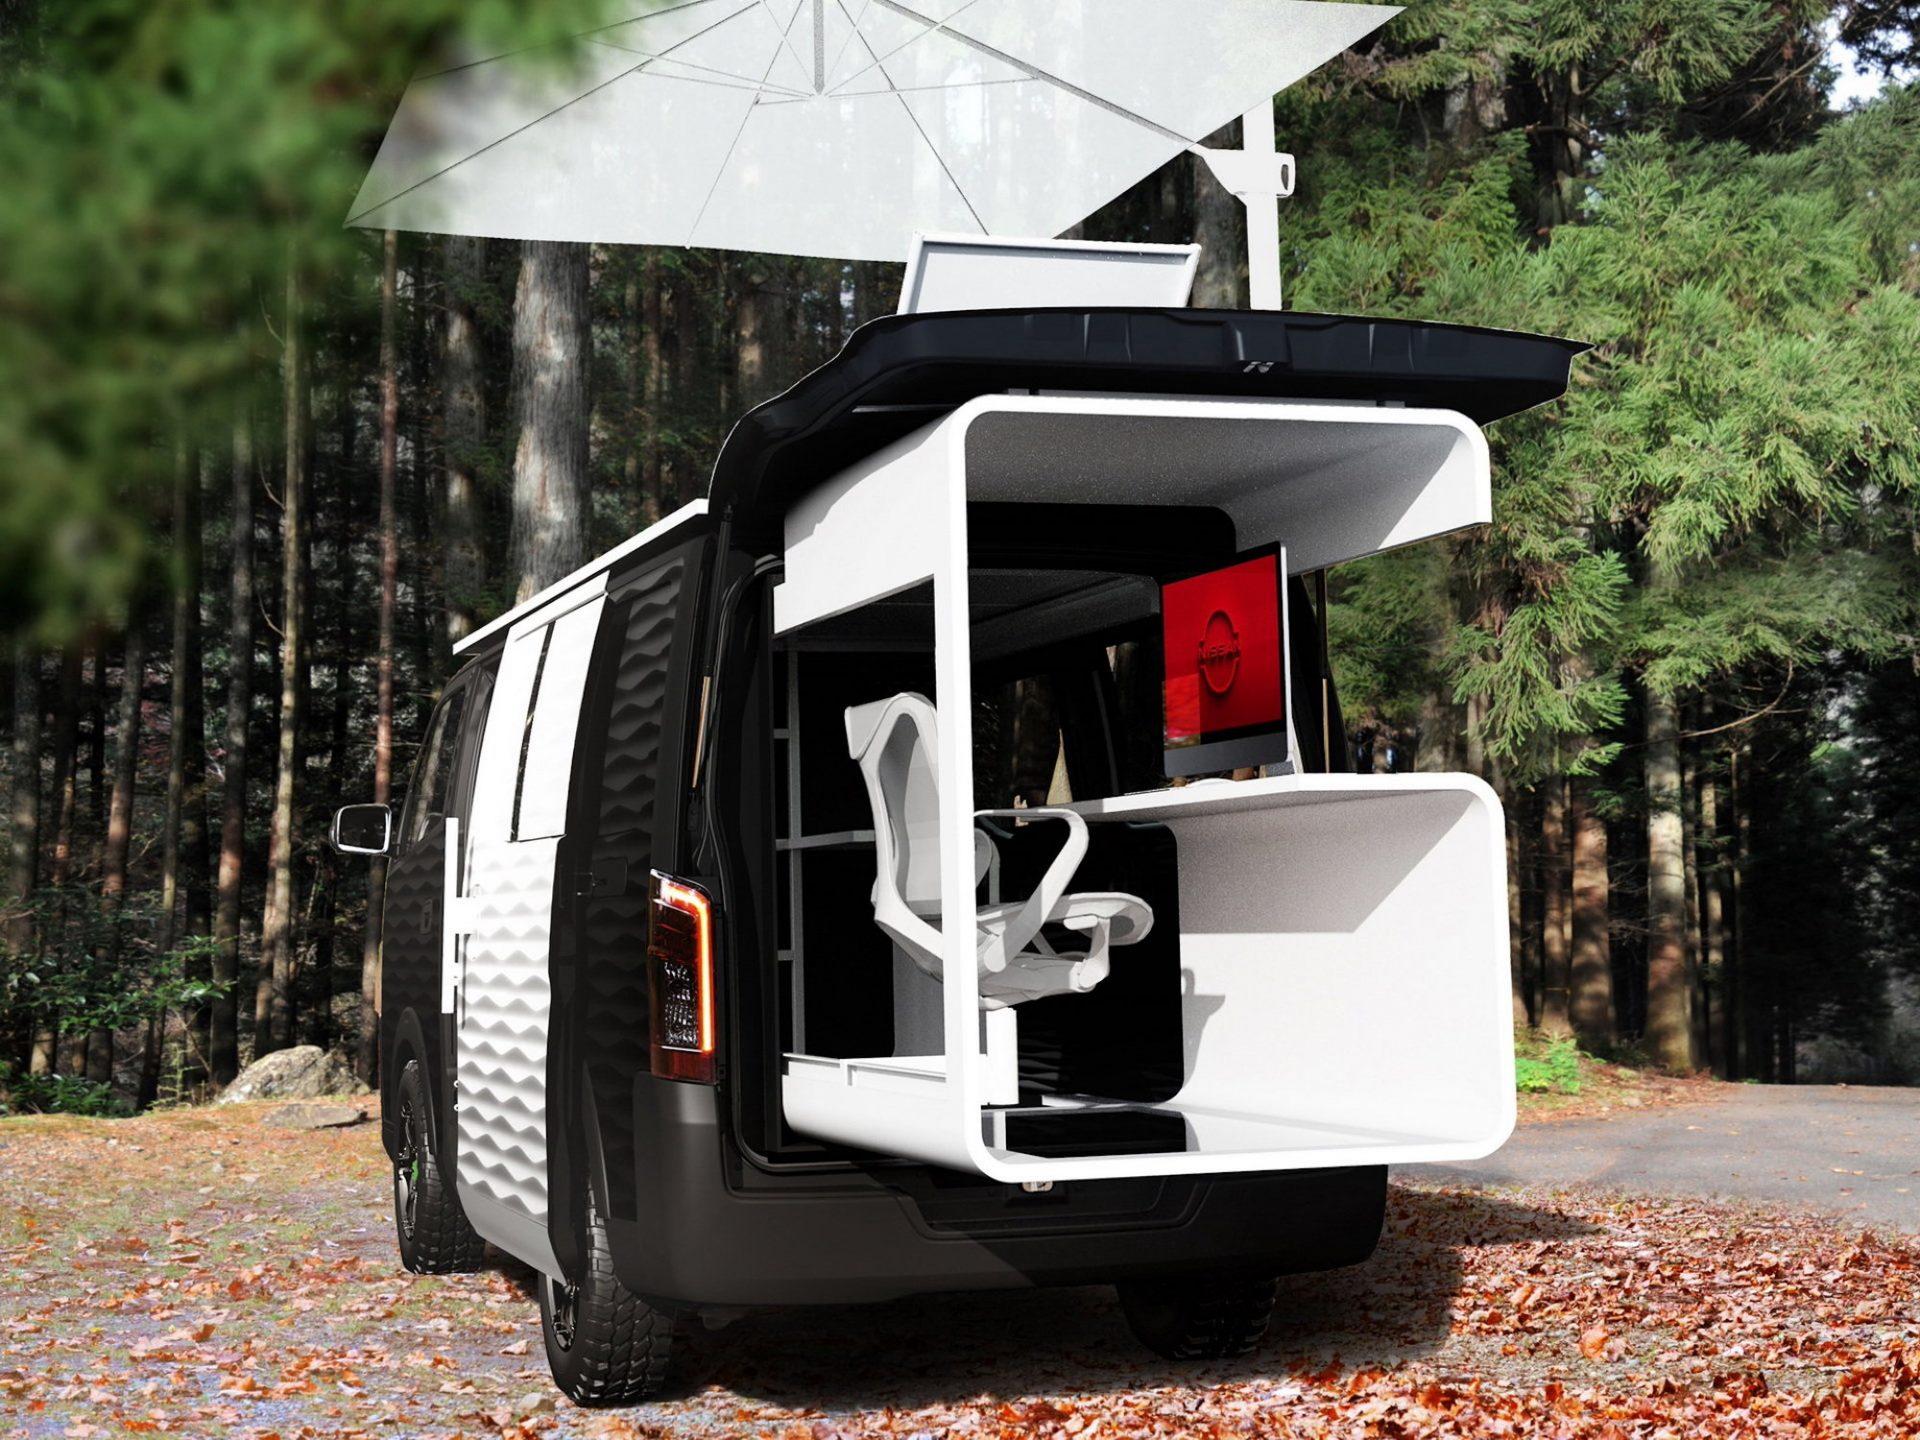 Nissan dévoile un van qui intègre un bureau mobile pour travailler partout